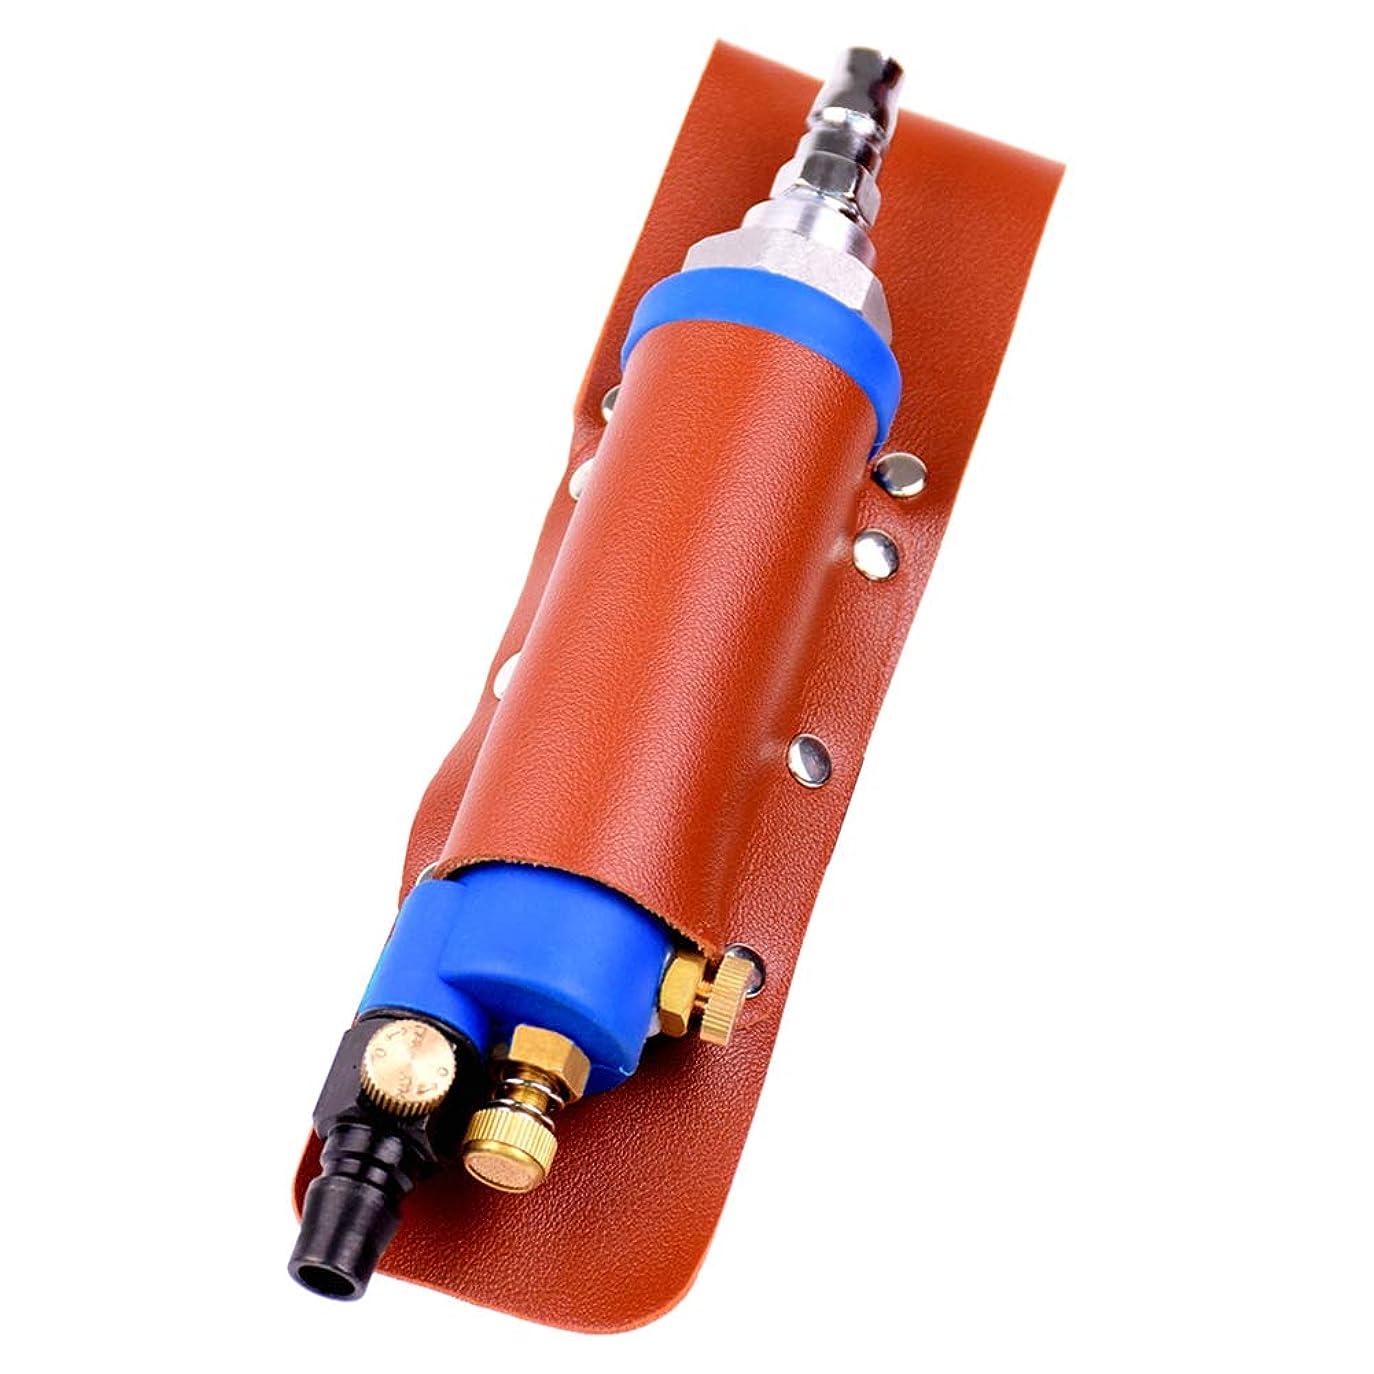 虐待シャーロットブロンテ他の場所熱中症対策 クーレット 冷却器 エアクーラー コンプレッサー冷却 WEUN 003型 新品初販売 (青)